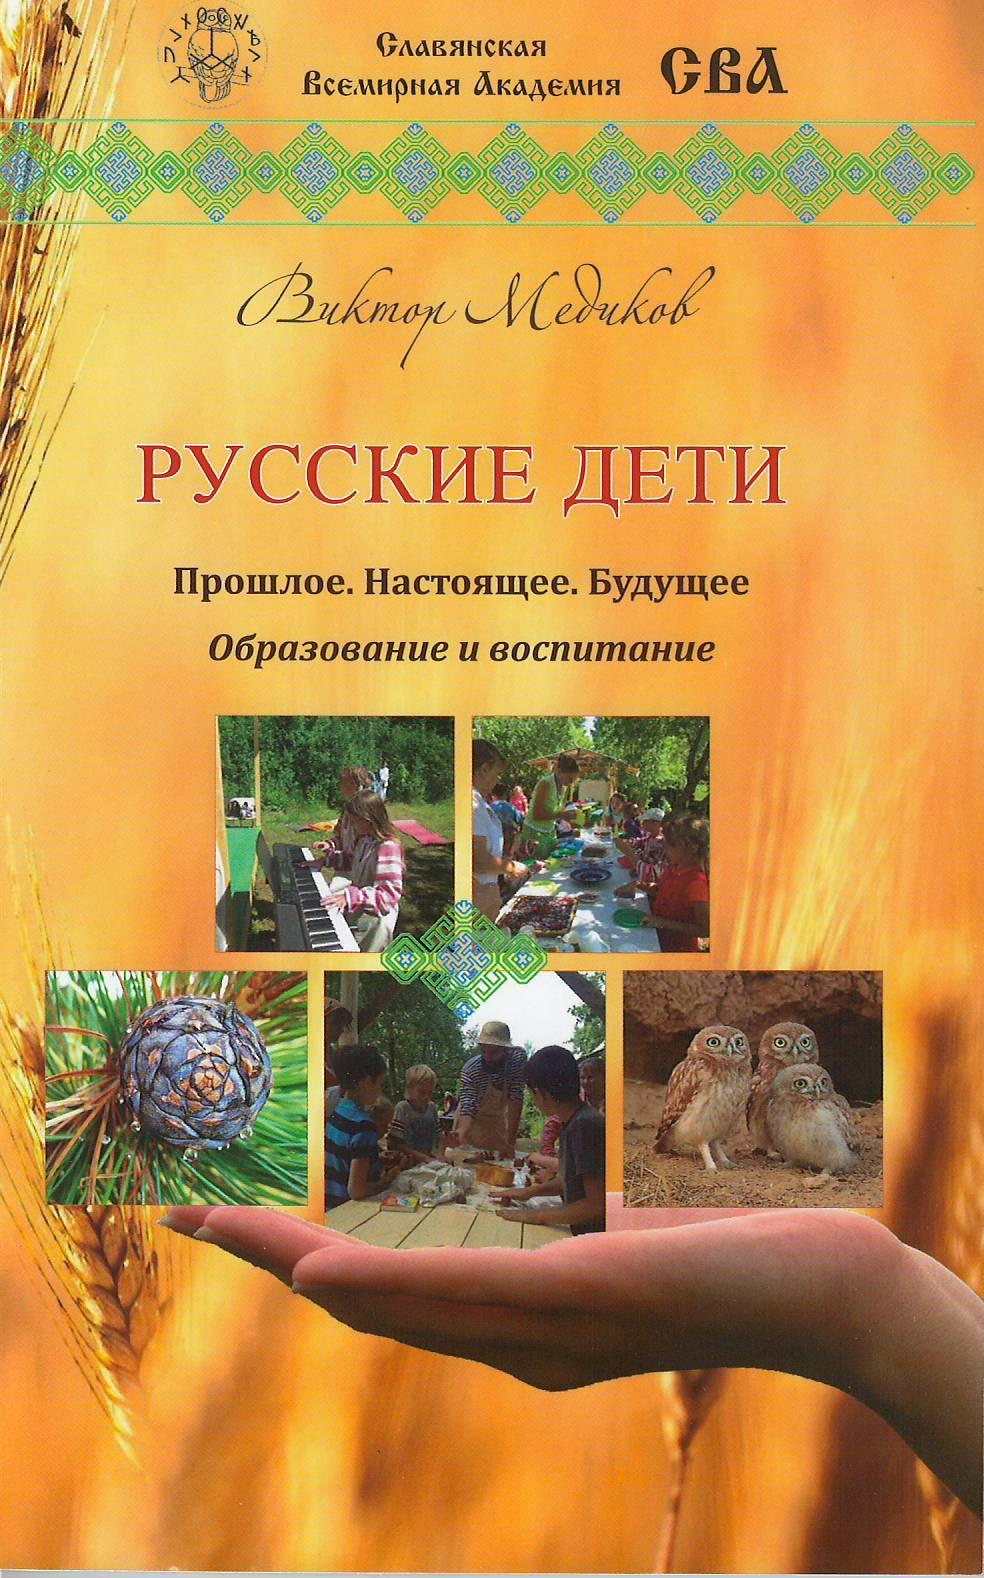 Русские дети .Прошлое .Настоящее .Будущее.Образование и воспитание